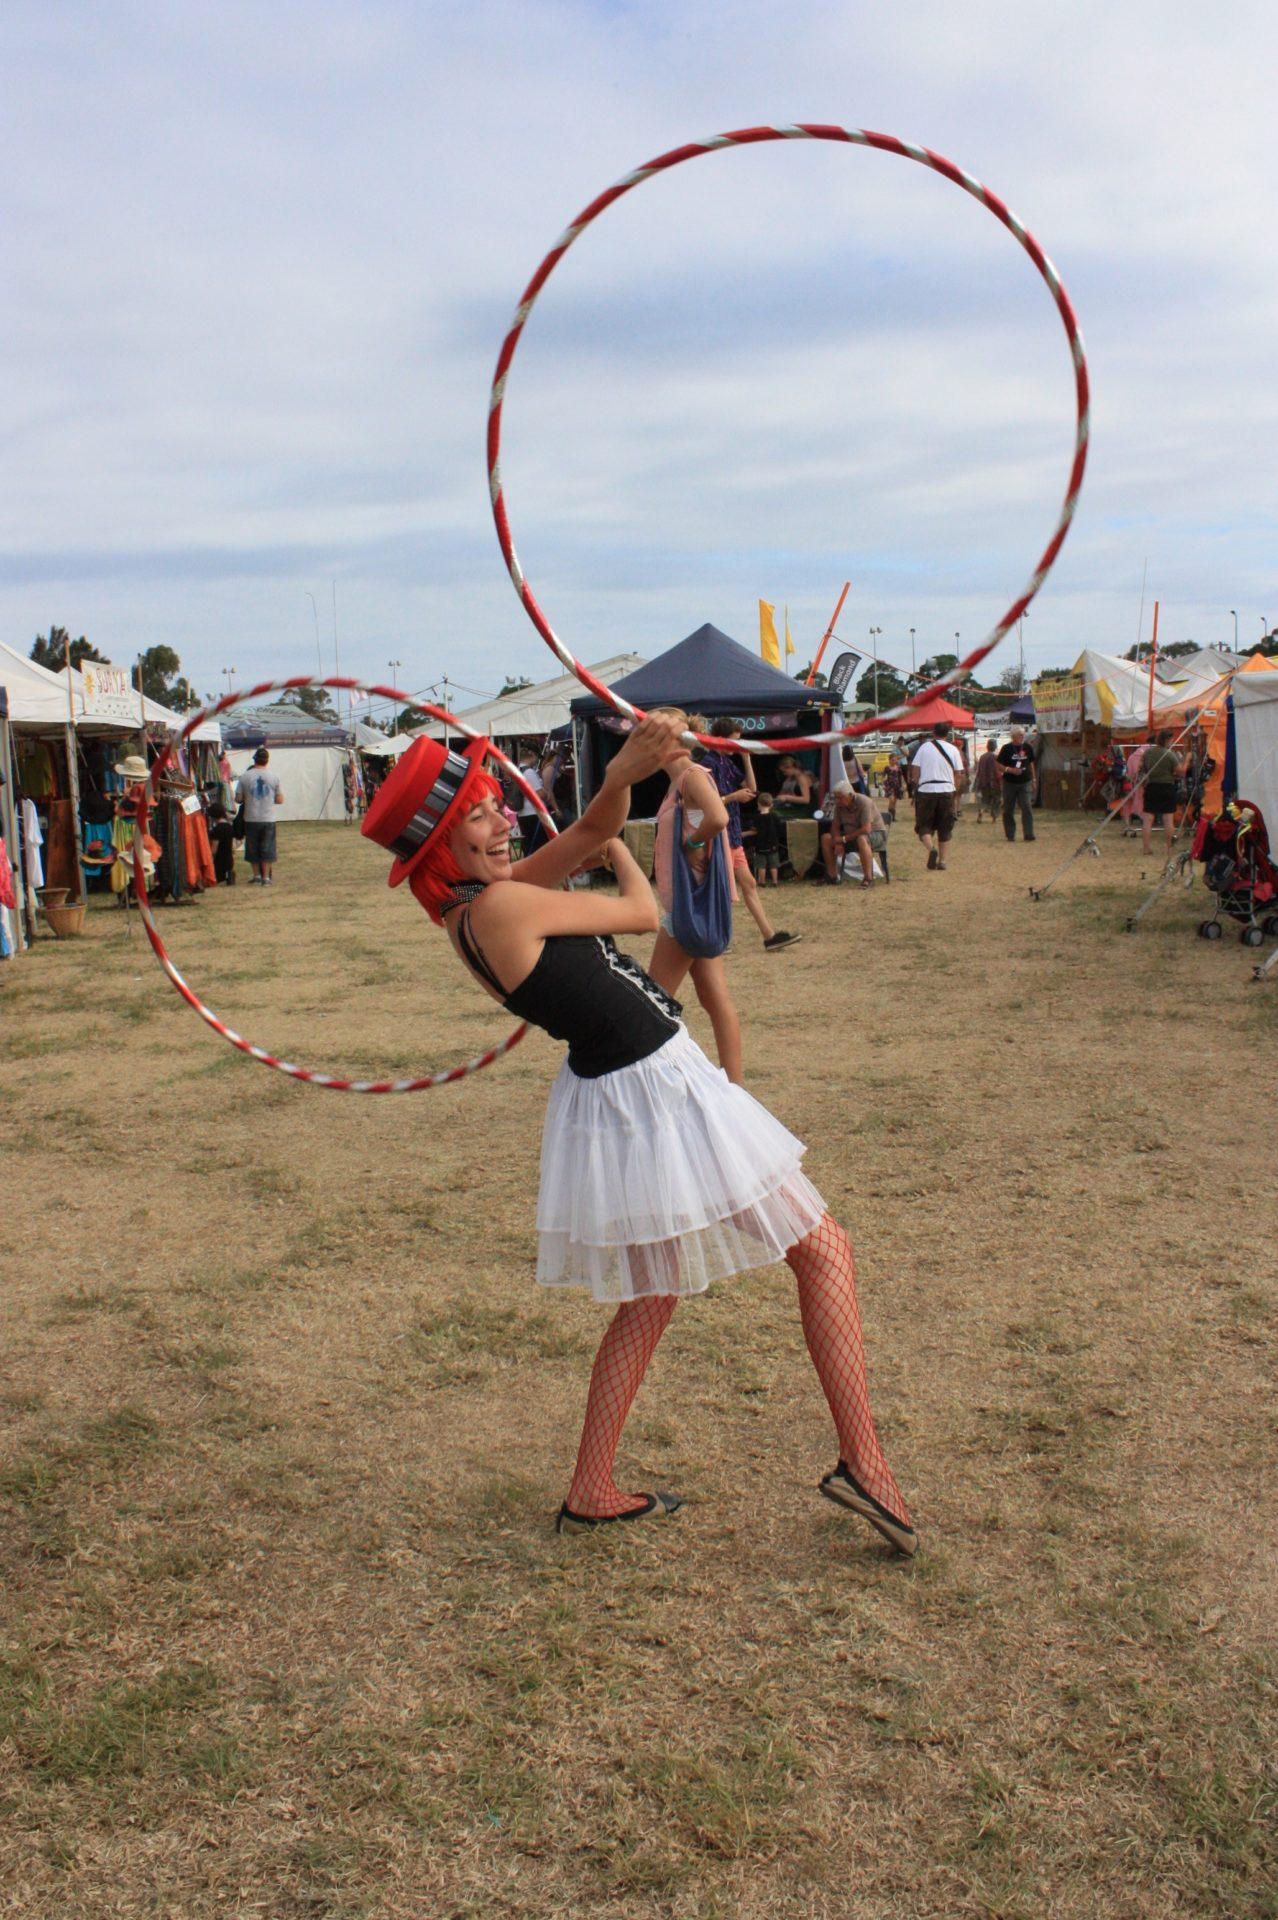 Rovig at Illawarra folk festival 2013